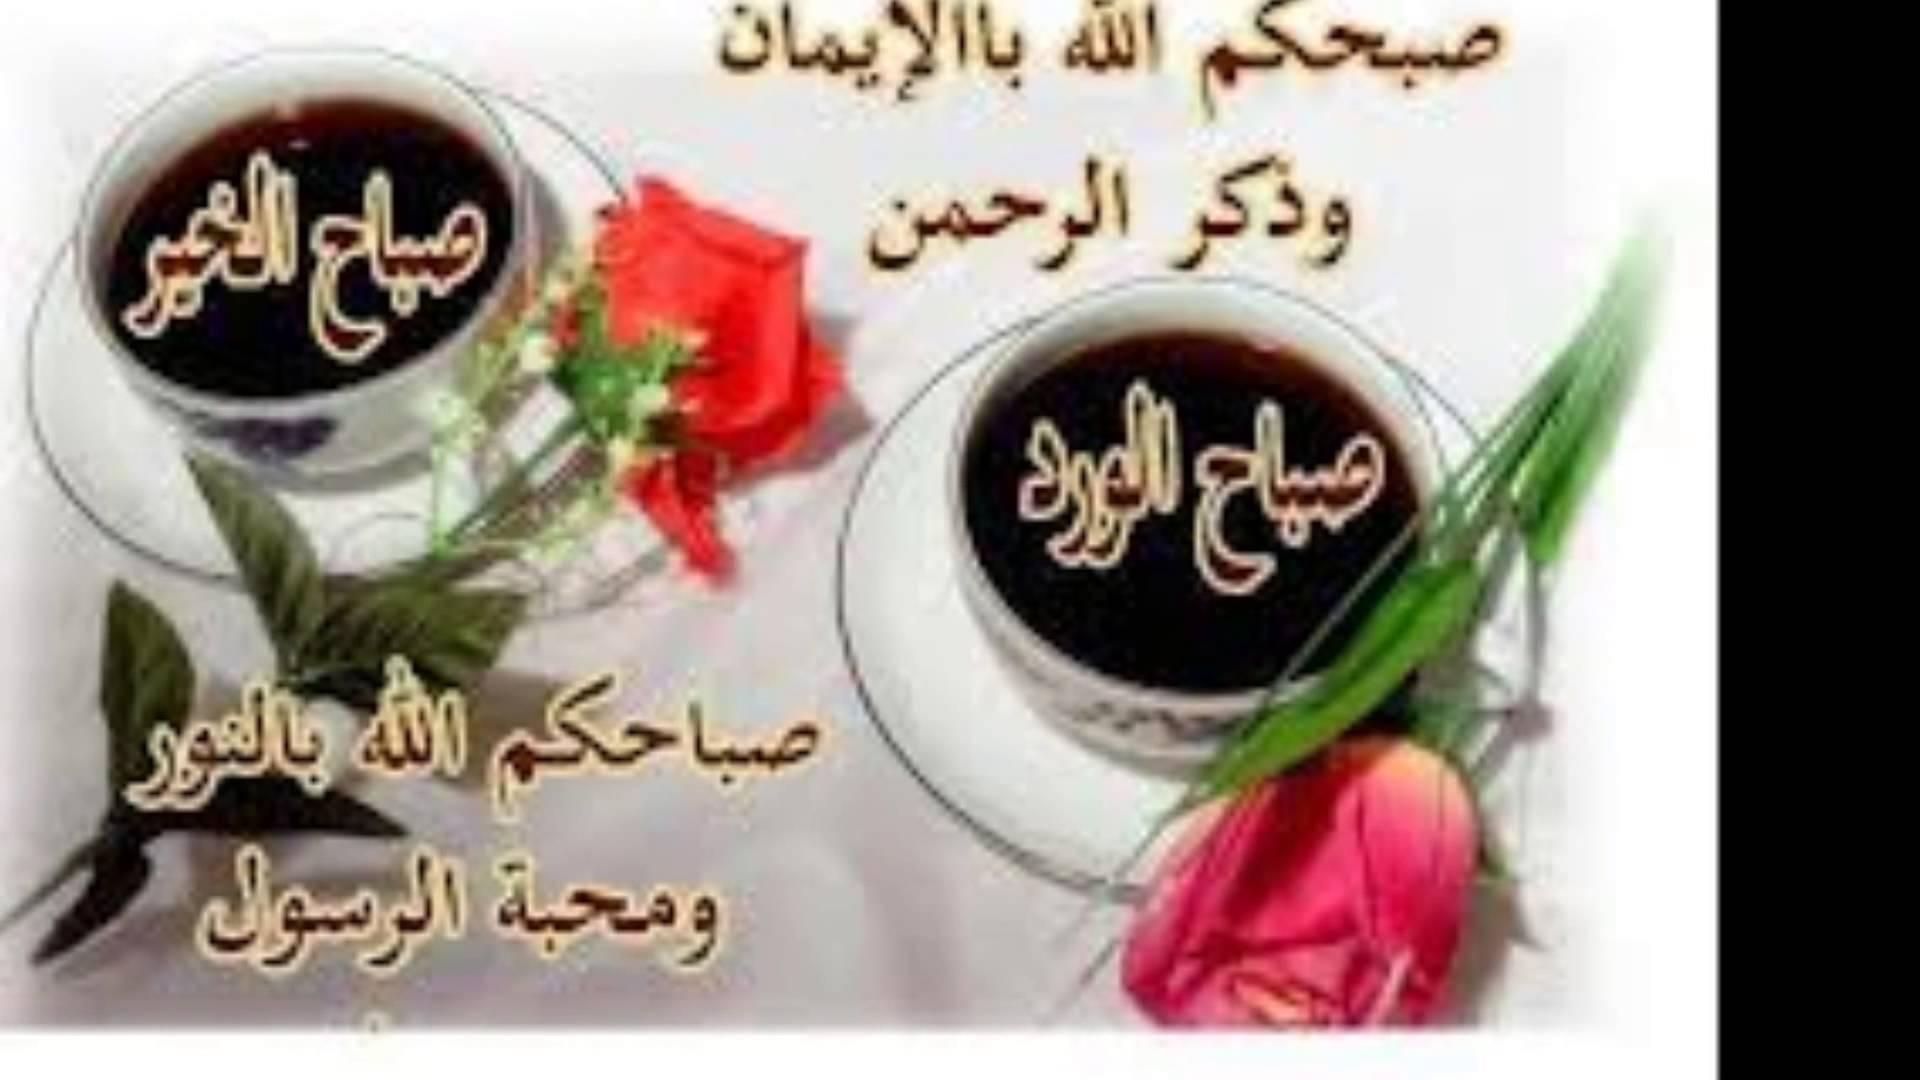 بالصور صباح الخير رومانسية , اقيم واشيك صور صباح الخير لاحبابنا 4994 2